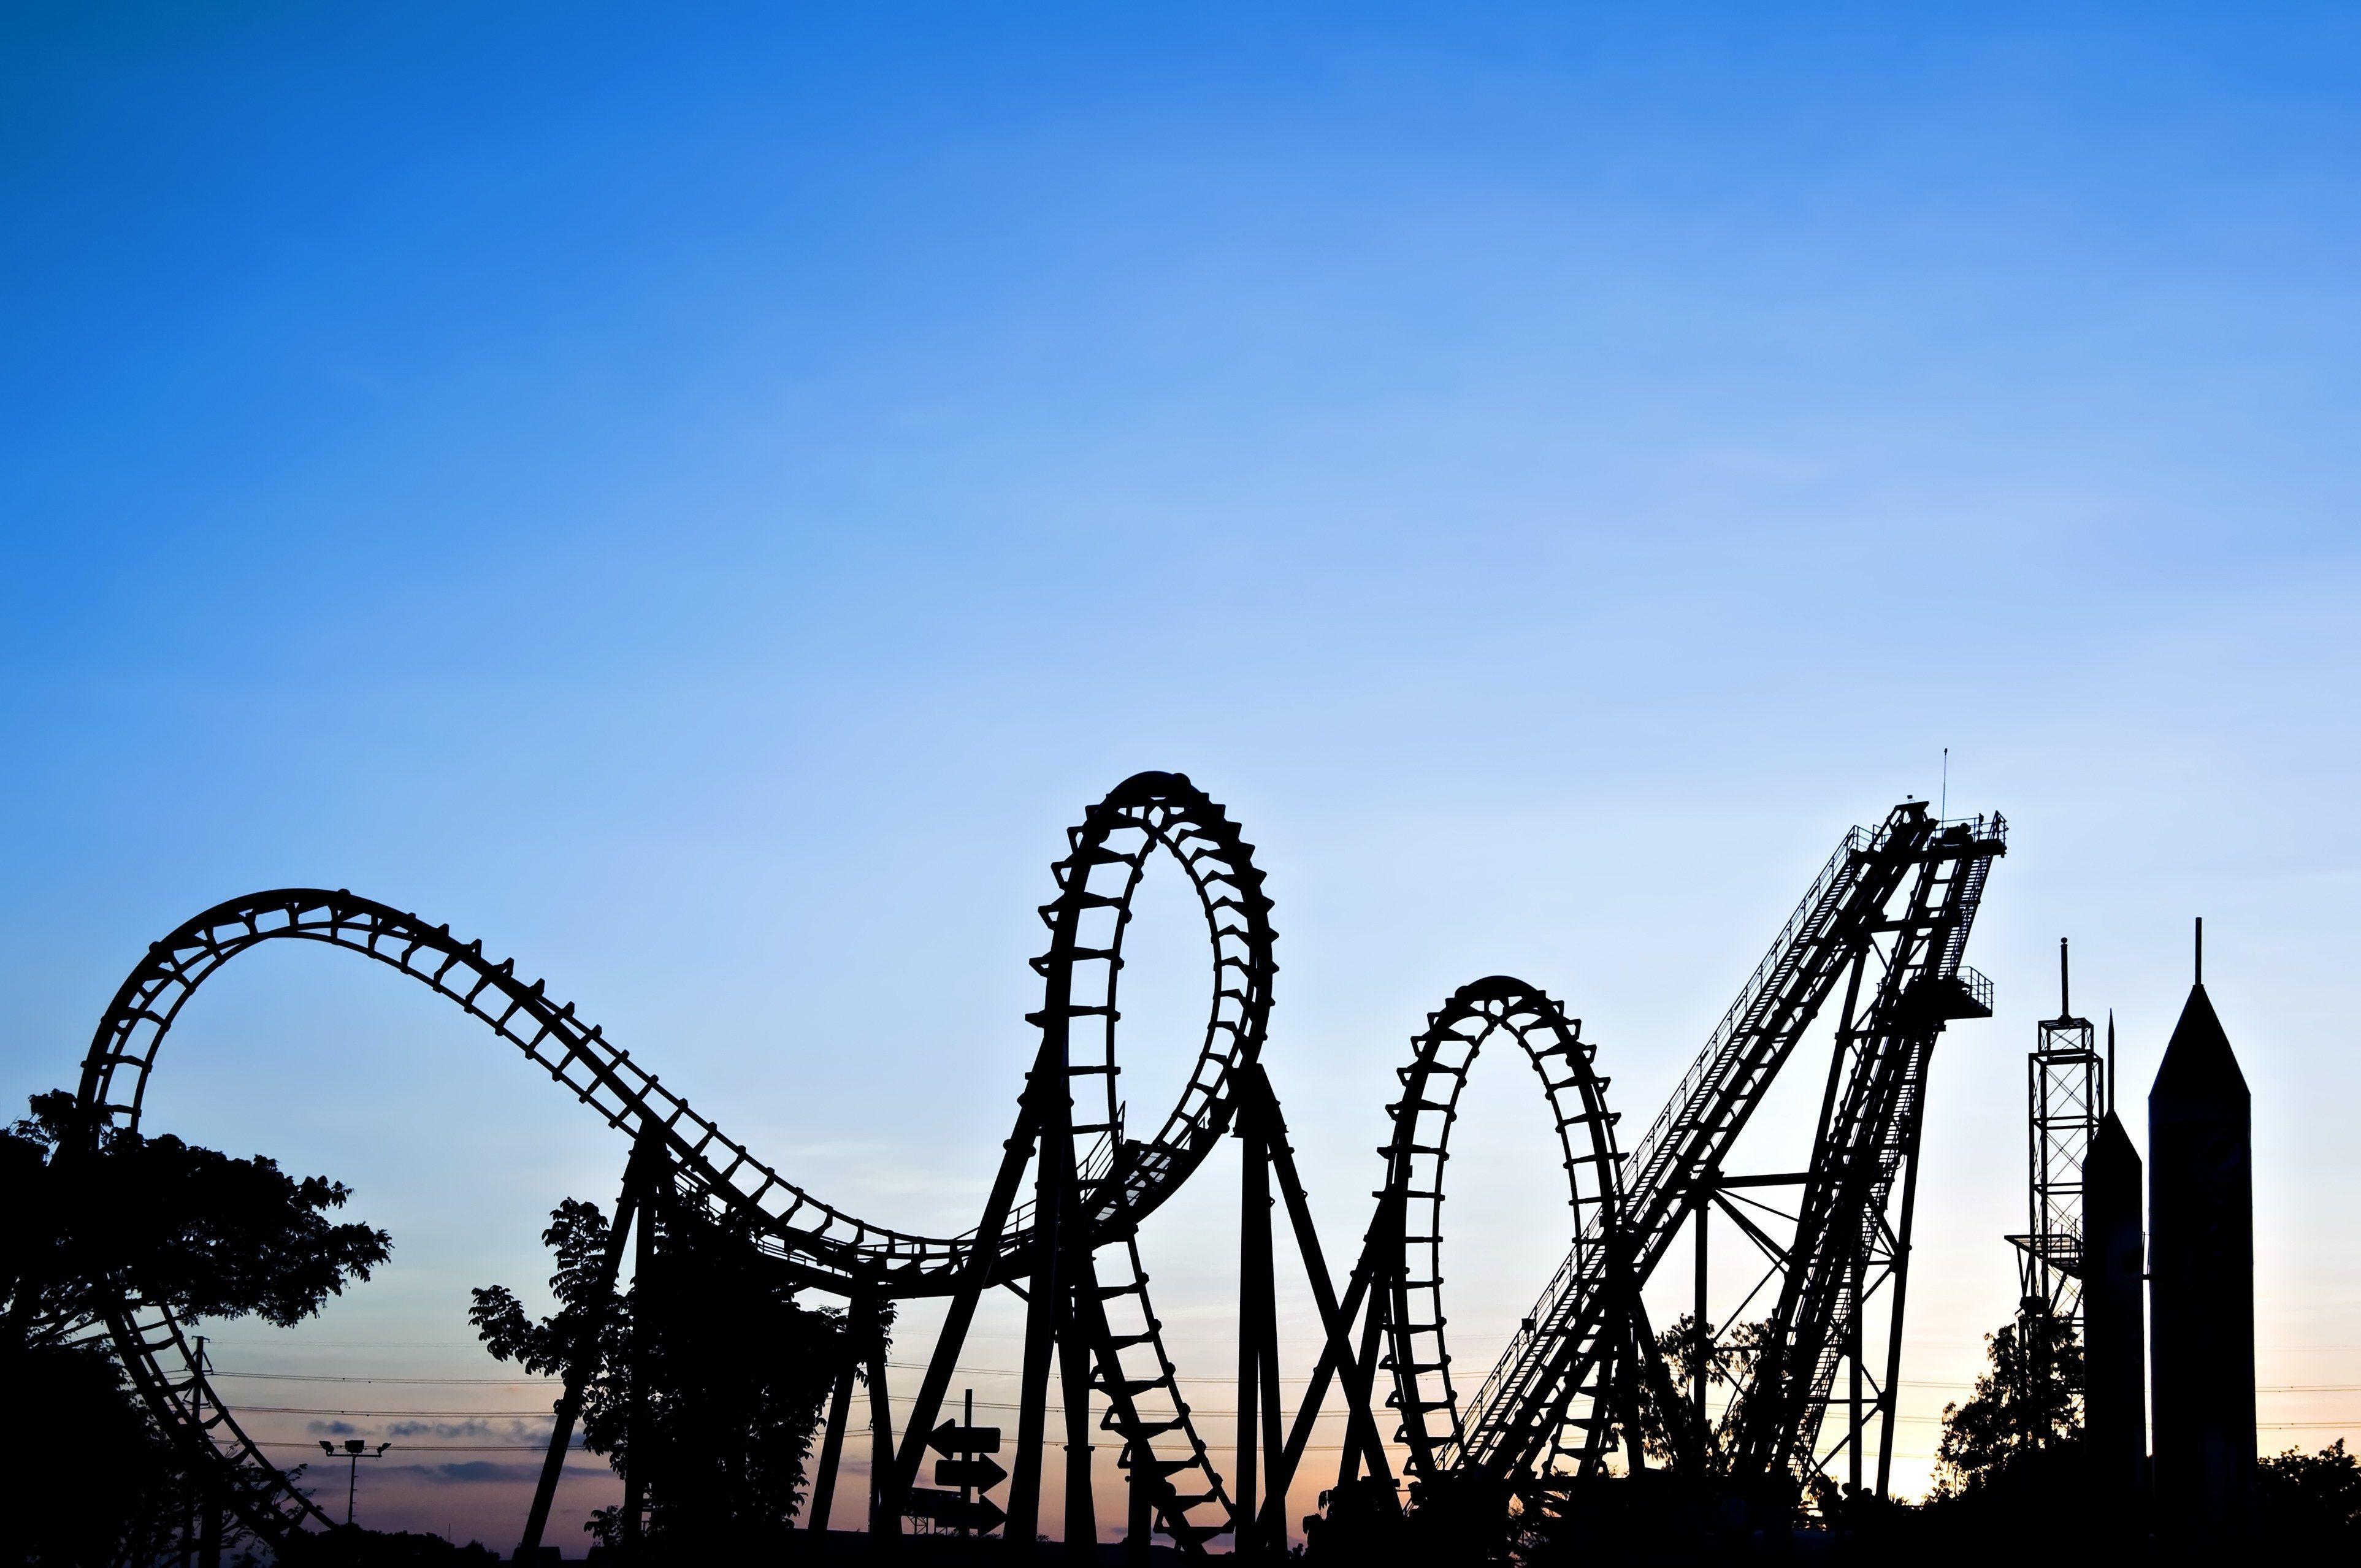 xmas roller coaster hd - photo #24